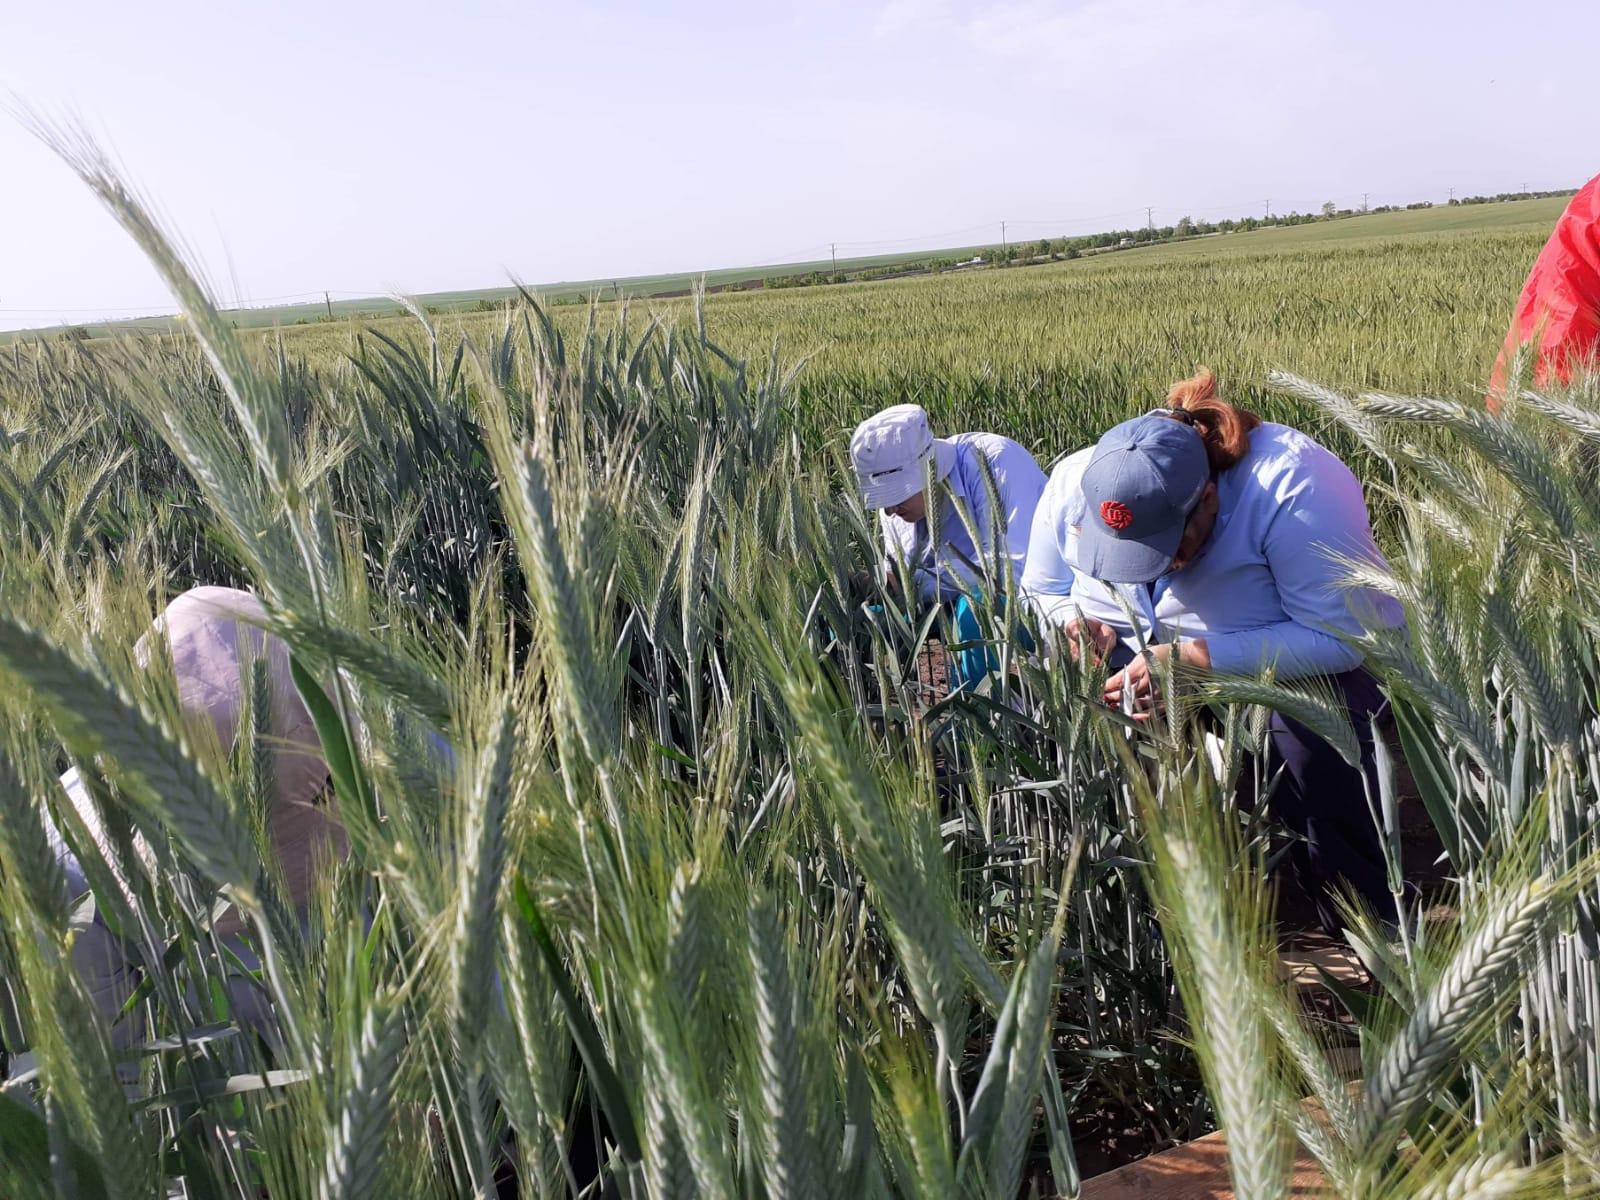 Analiza sănătății plantelor, calea spre succes; Prin îngrijirea proactivă a sănătății plantelor, fermierii pot evita aparitia bolilor si a daunatorilor